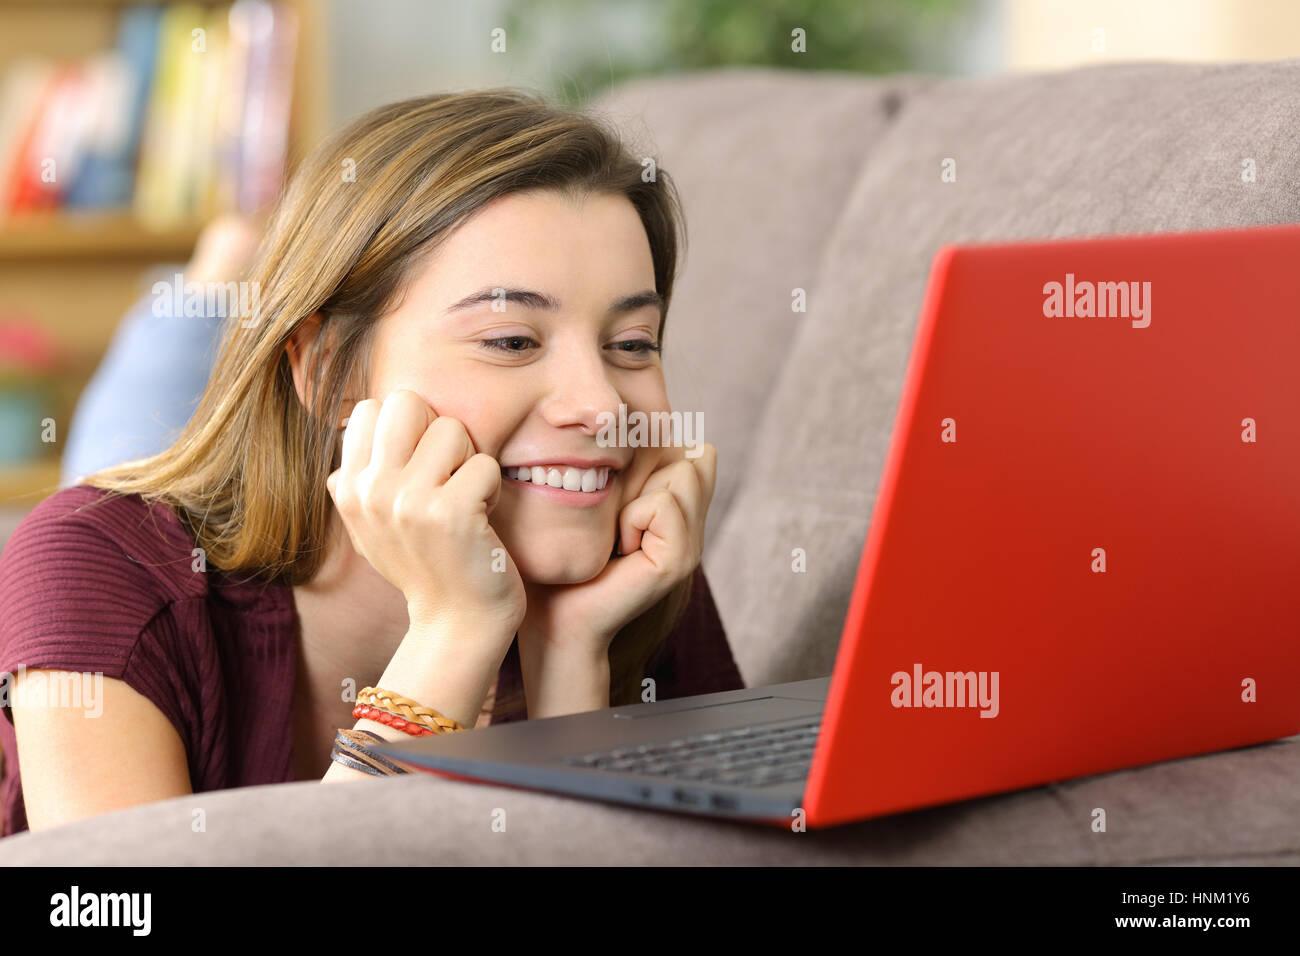 adolescent datant en ligne